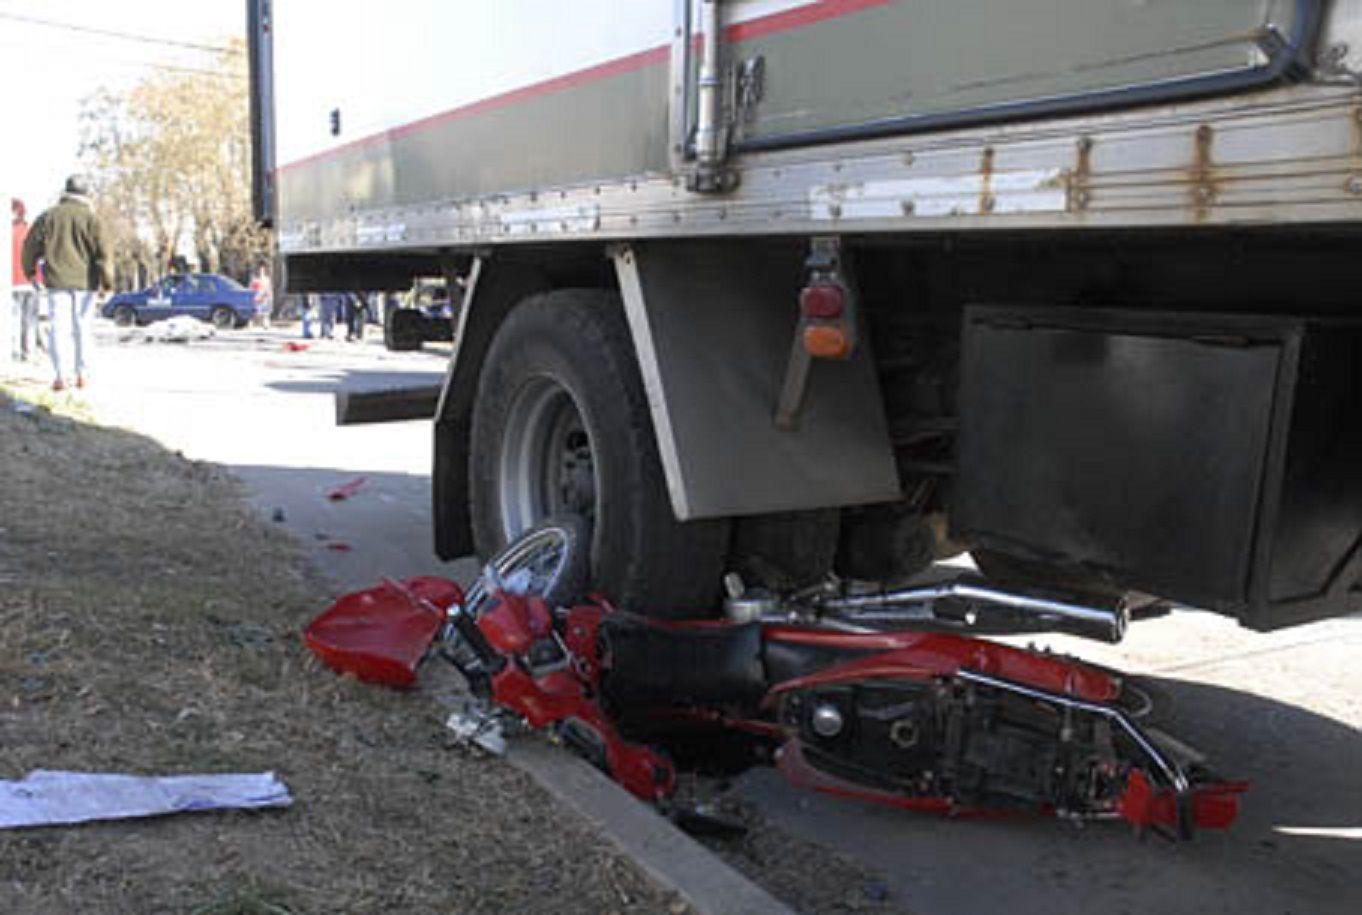 Una mujer murió aplastada por un camión - Imagen de archivo